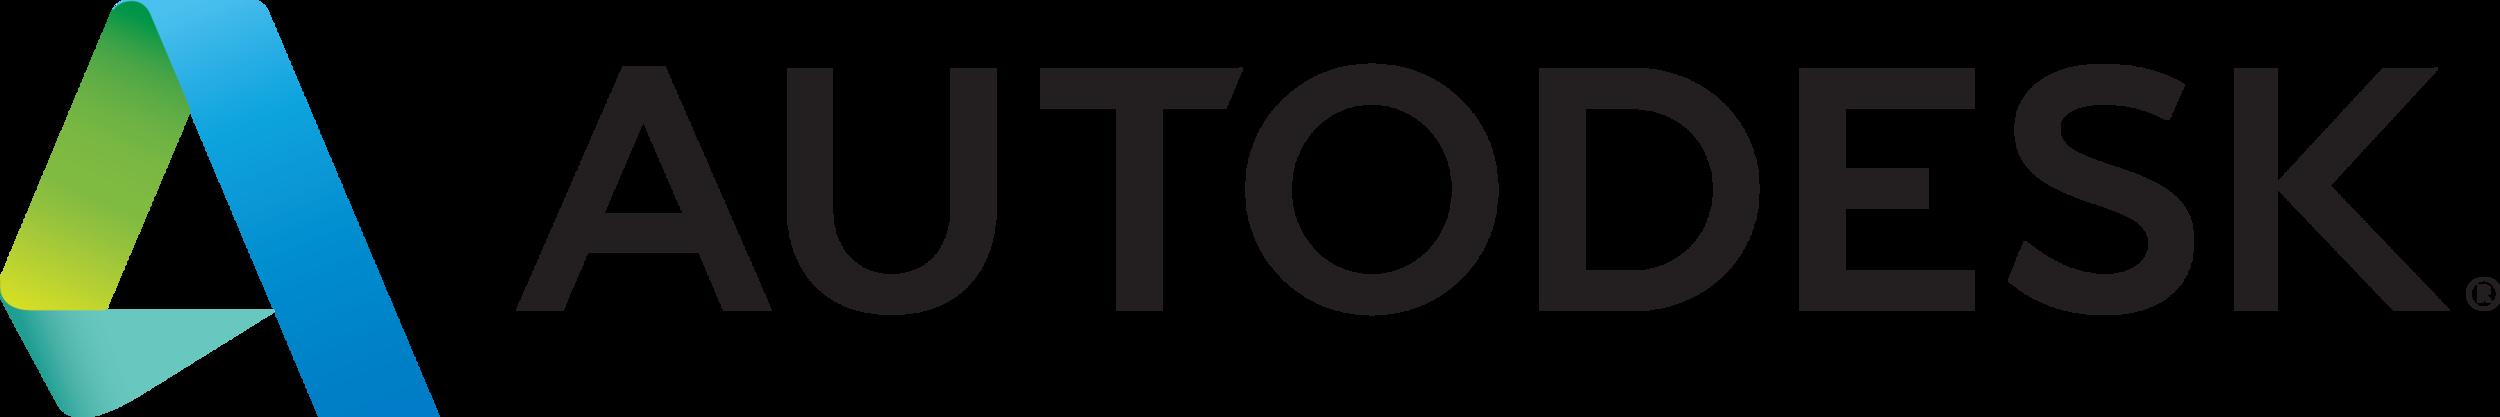 autodesk-logo-cmyk-1line-large-v2.png